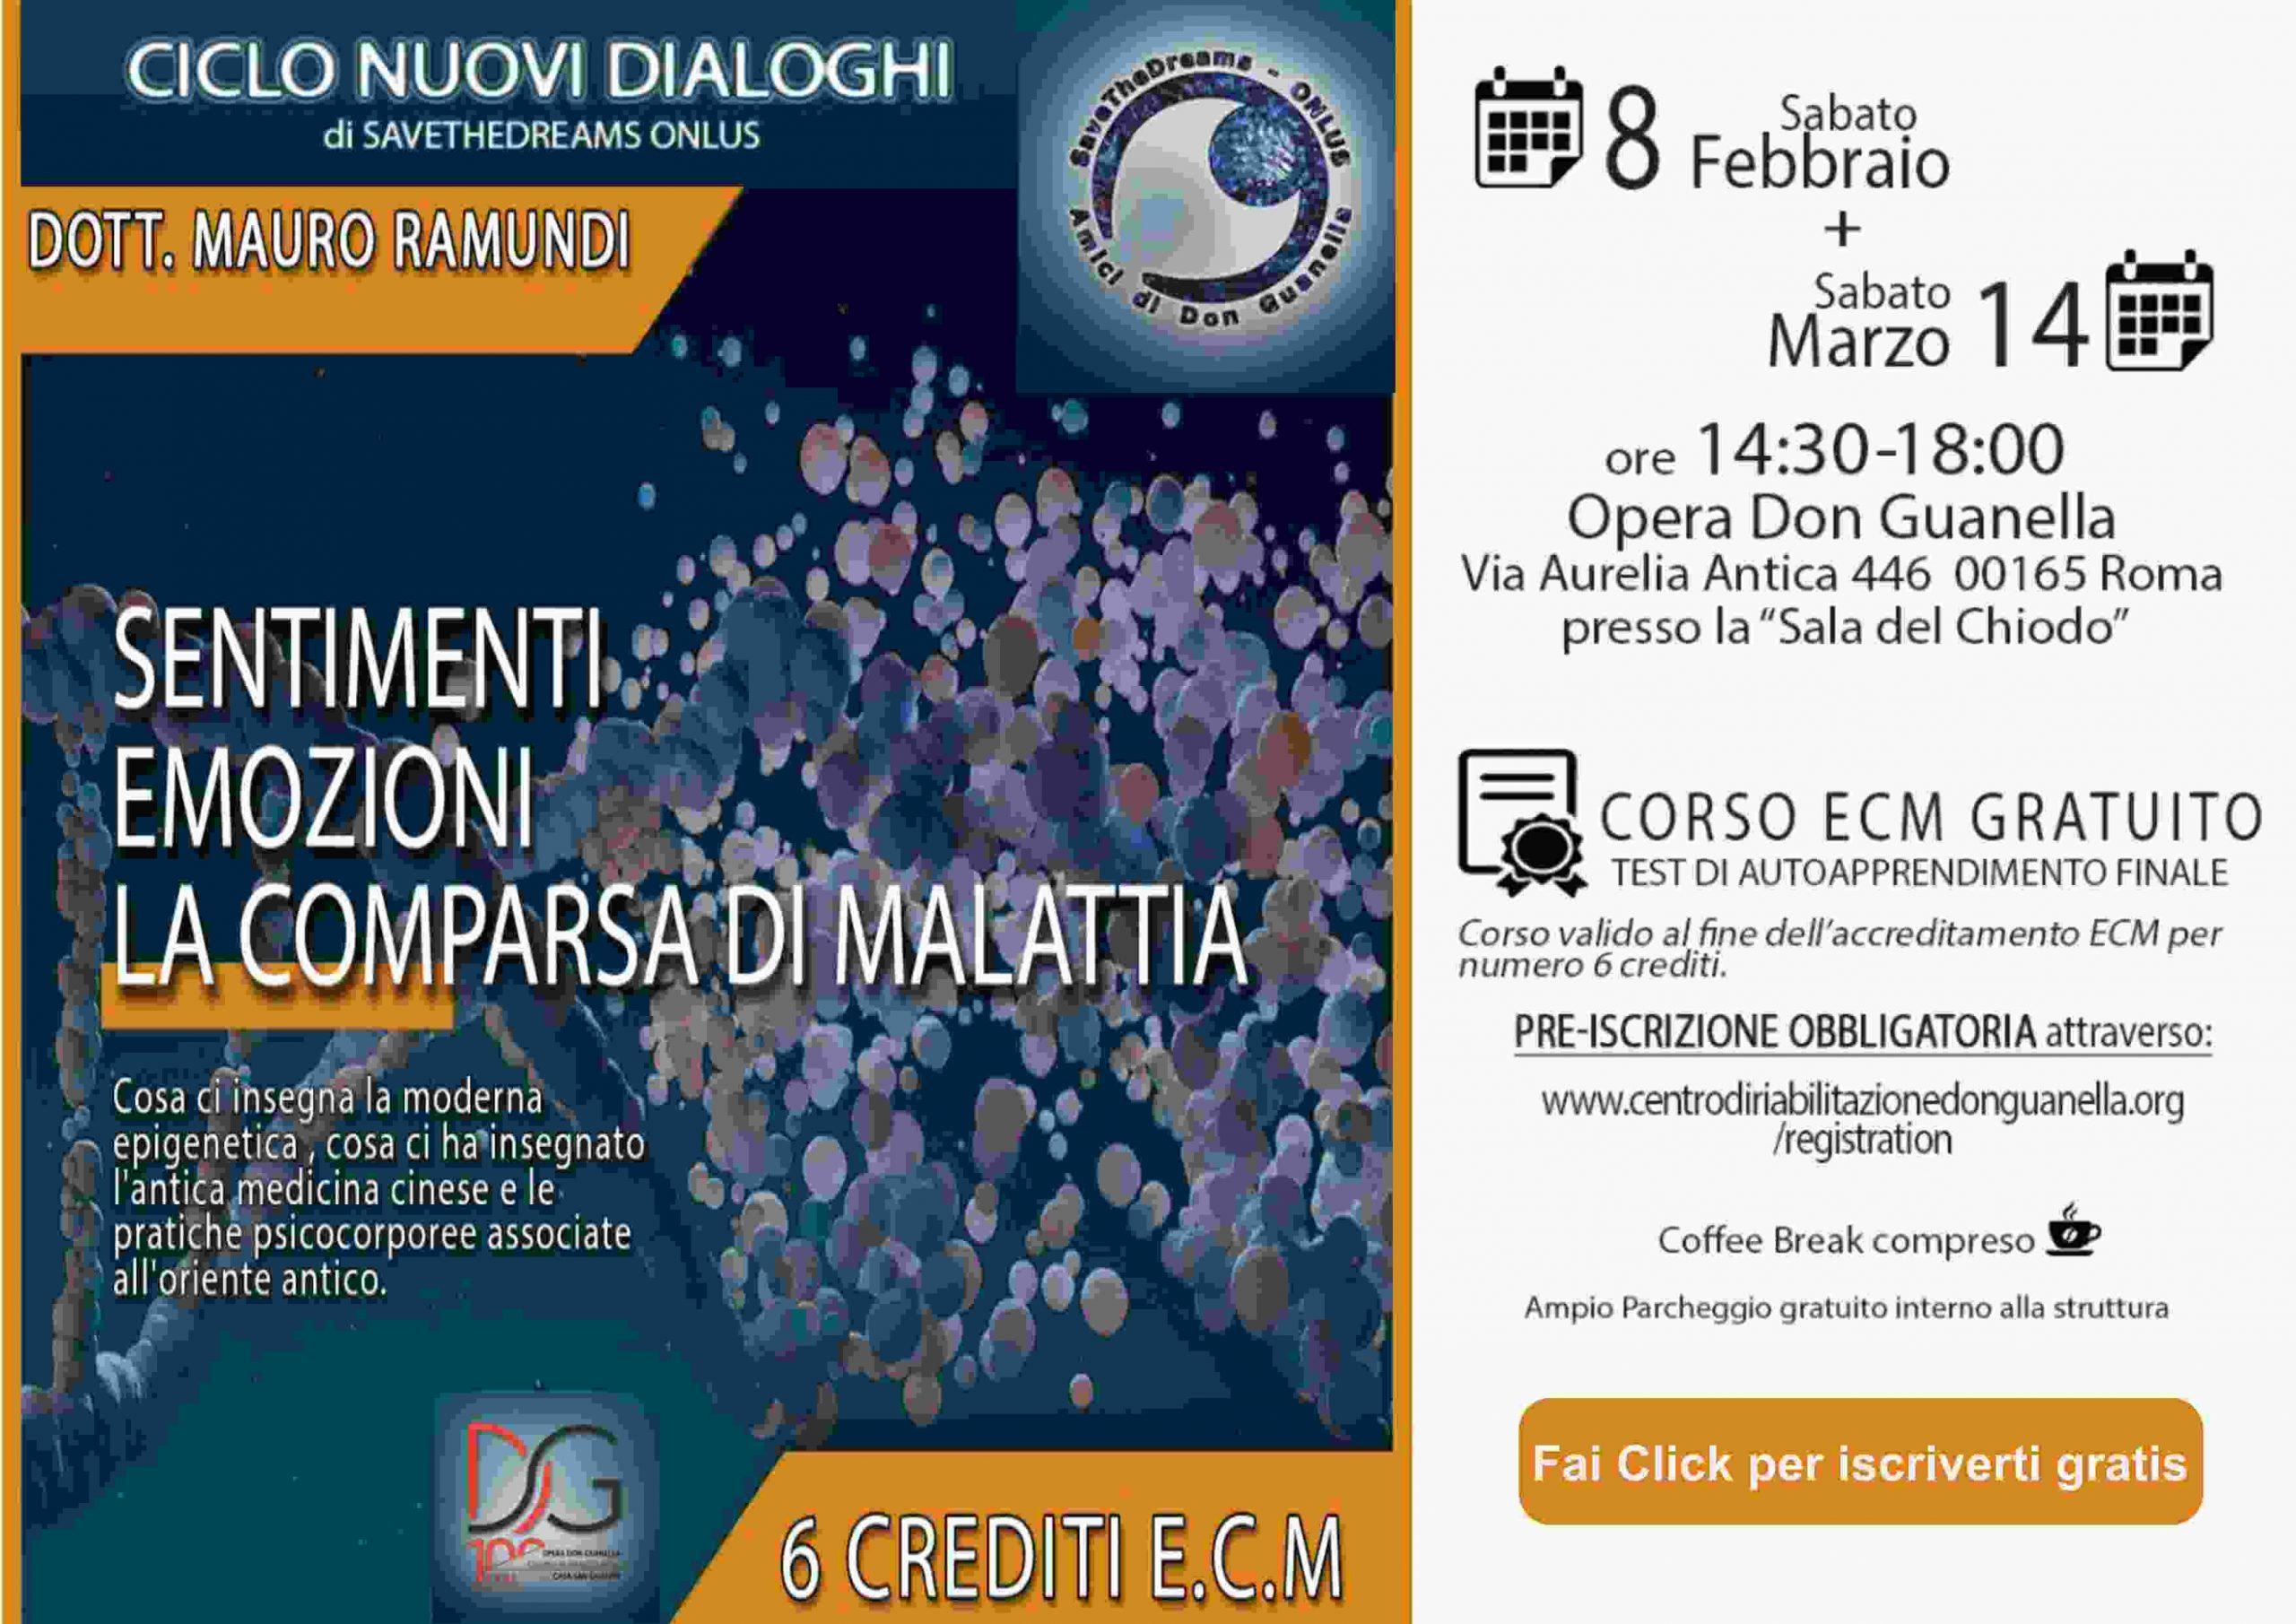 Nuovi Dialoghi corsi ECM gratuiti